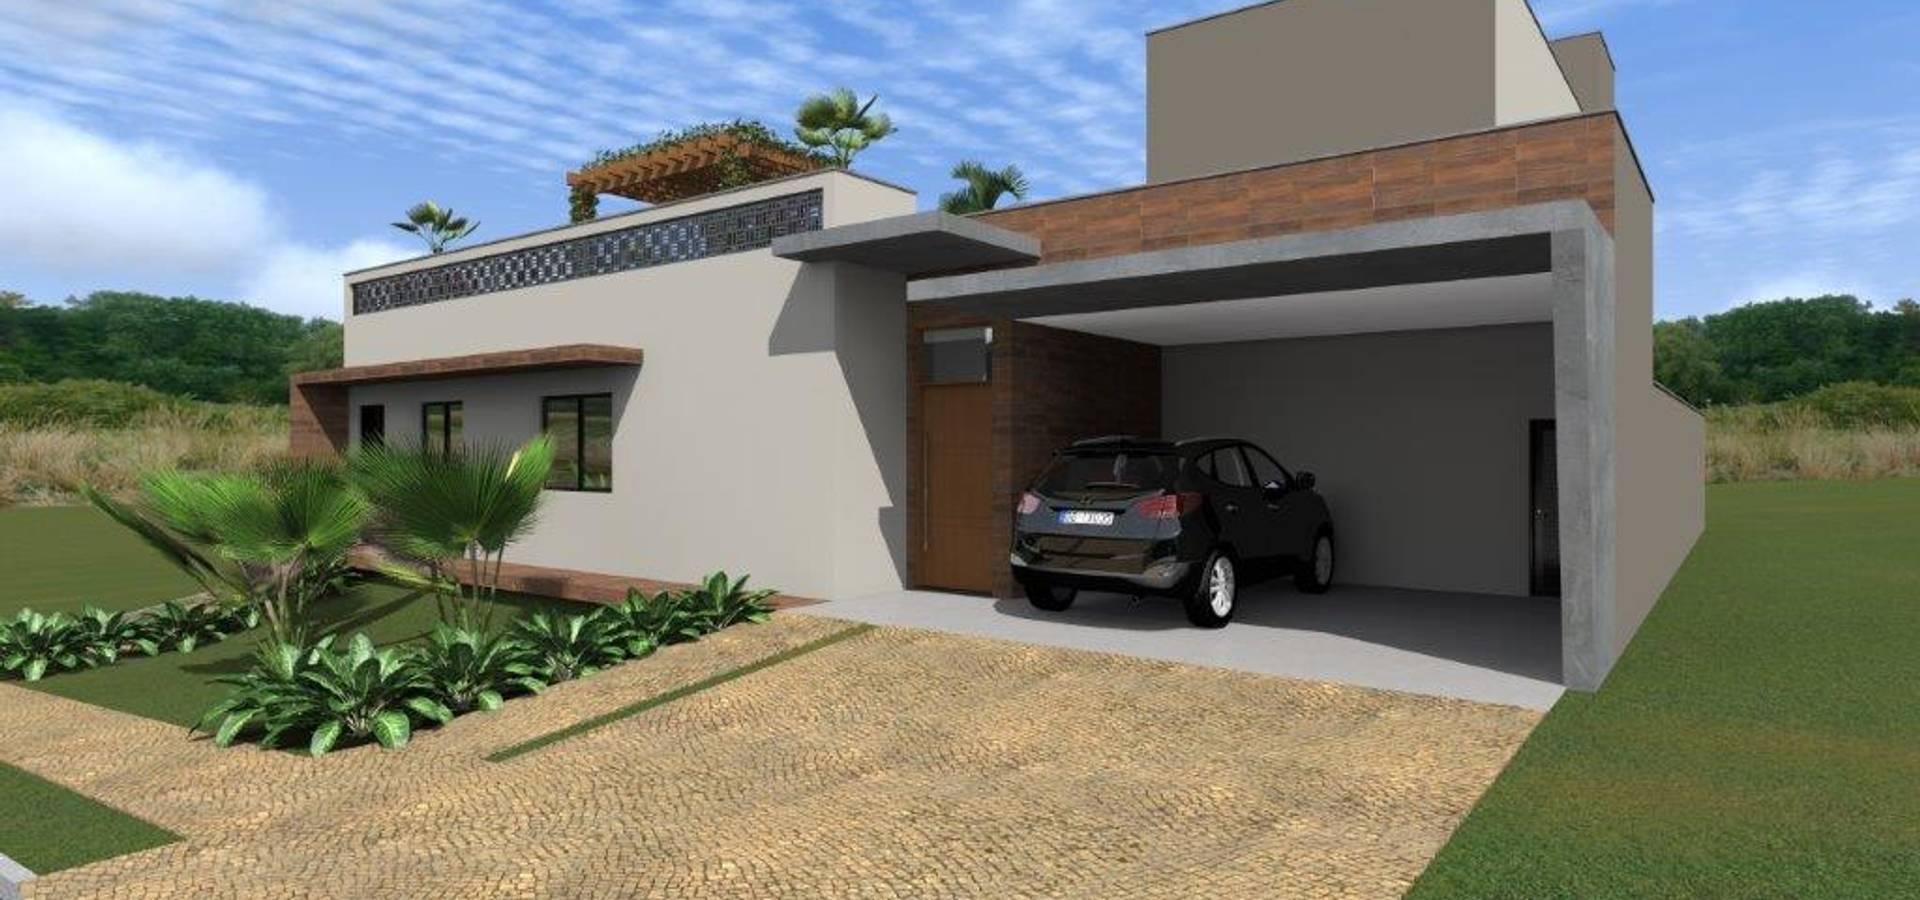 Corral Projetos e Construções